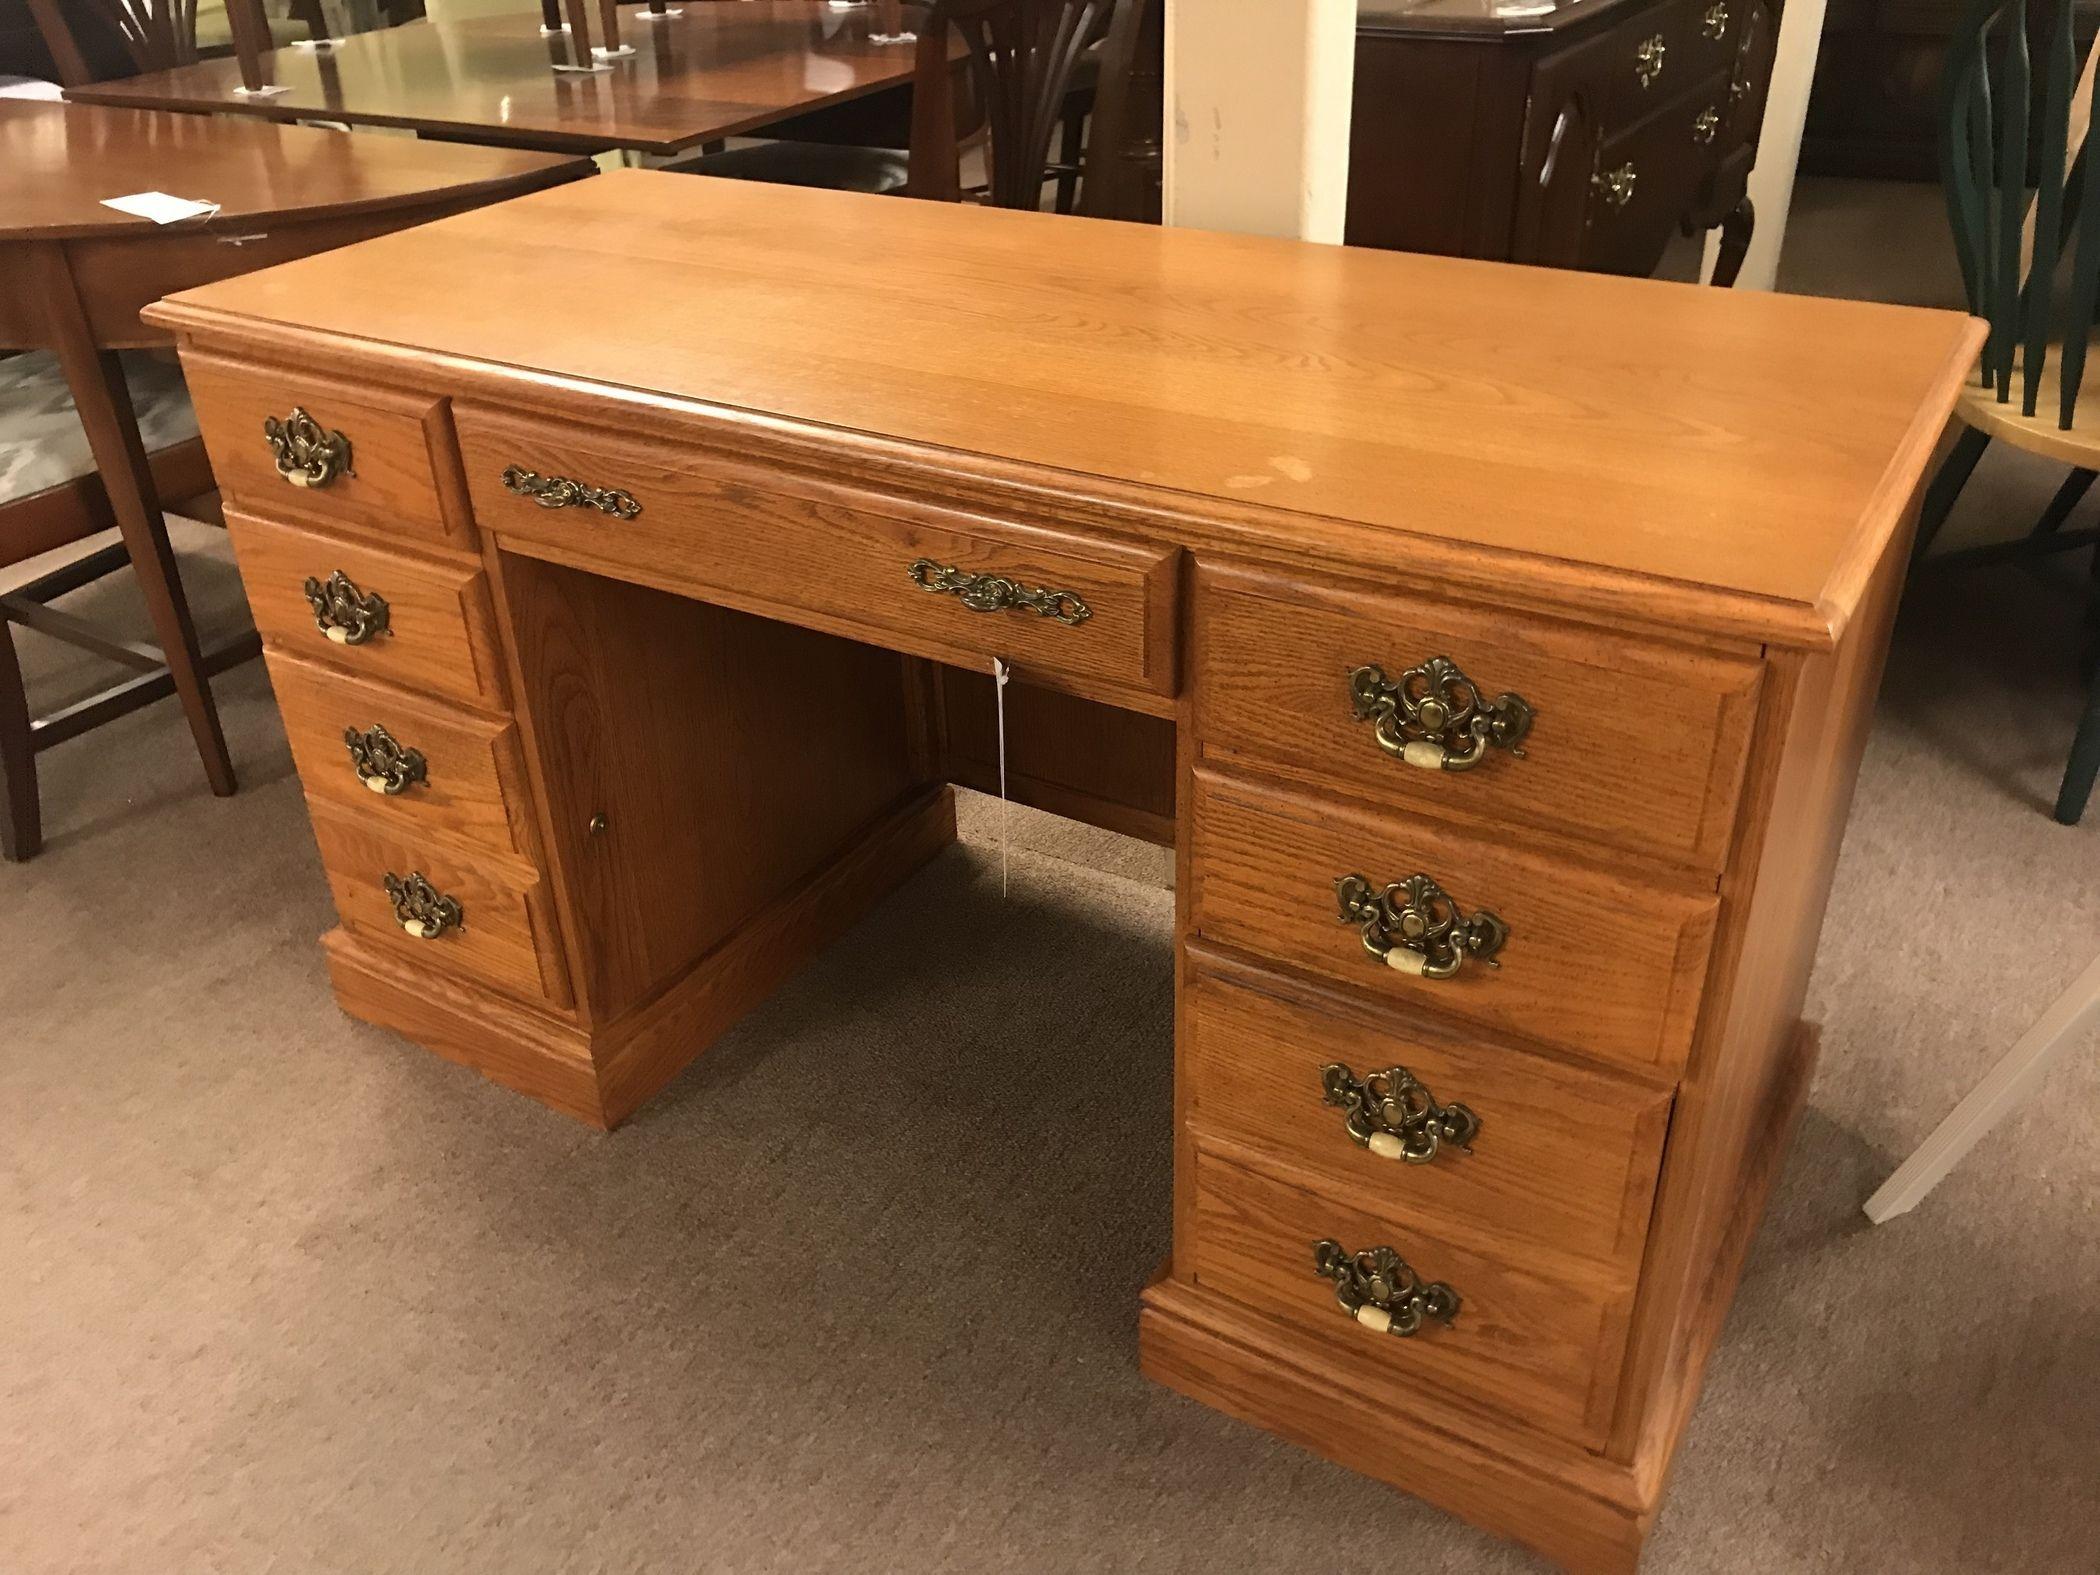 BROYHILL OAK FINISH DESK W/KEY | Delmarva Furniture Consignment